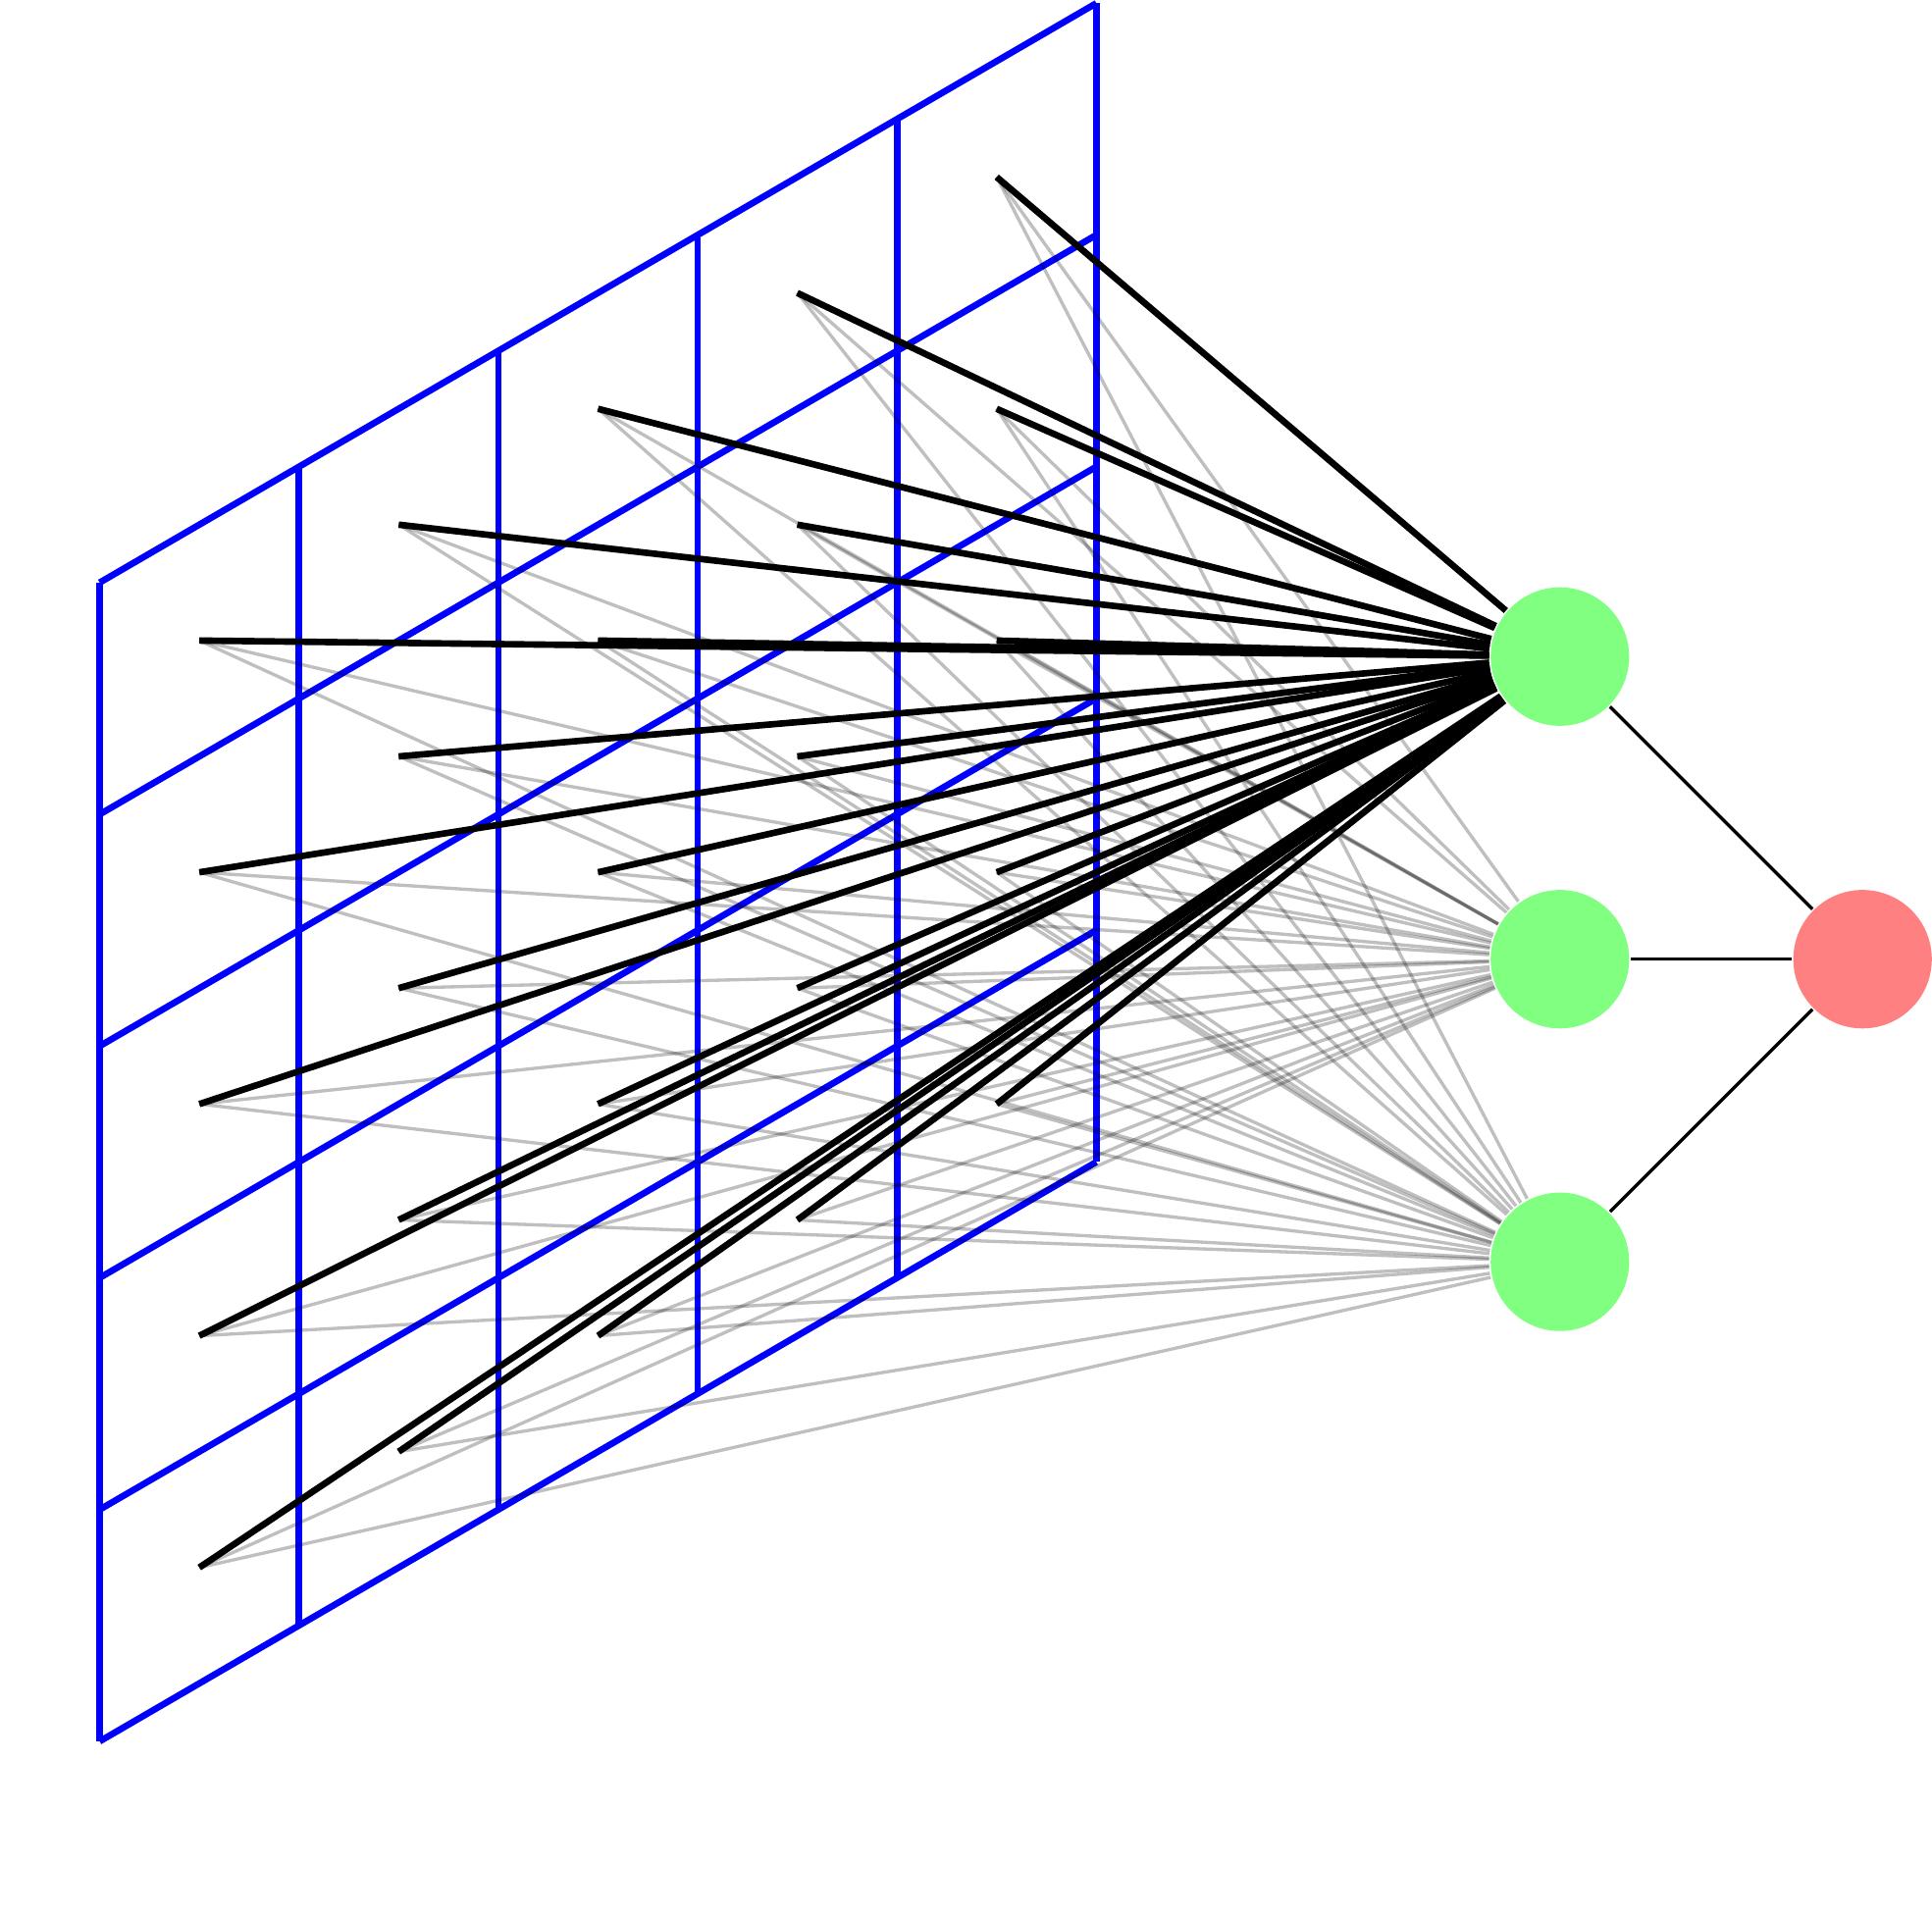 Un réseau de neurones naïf sur une image